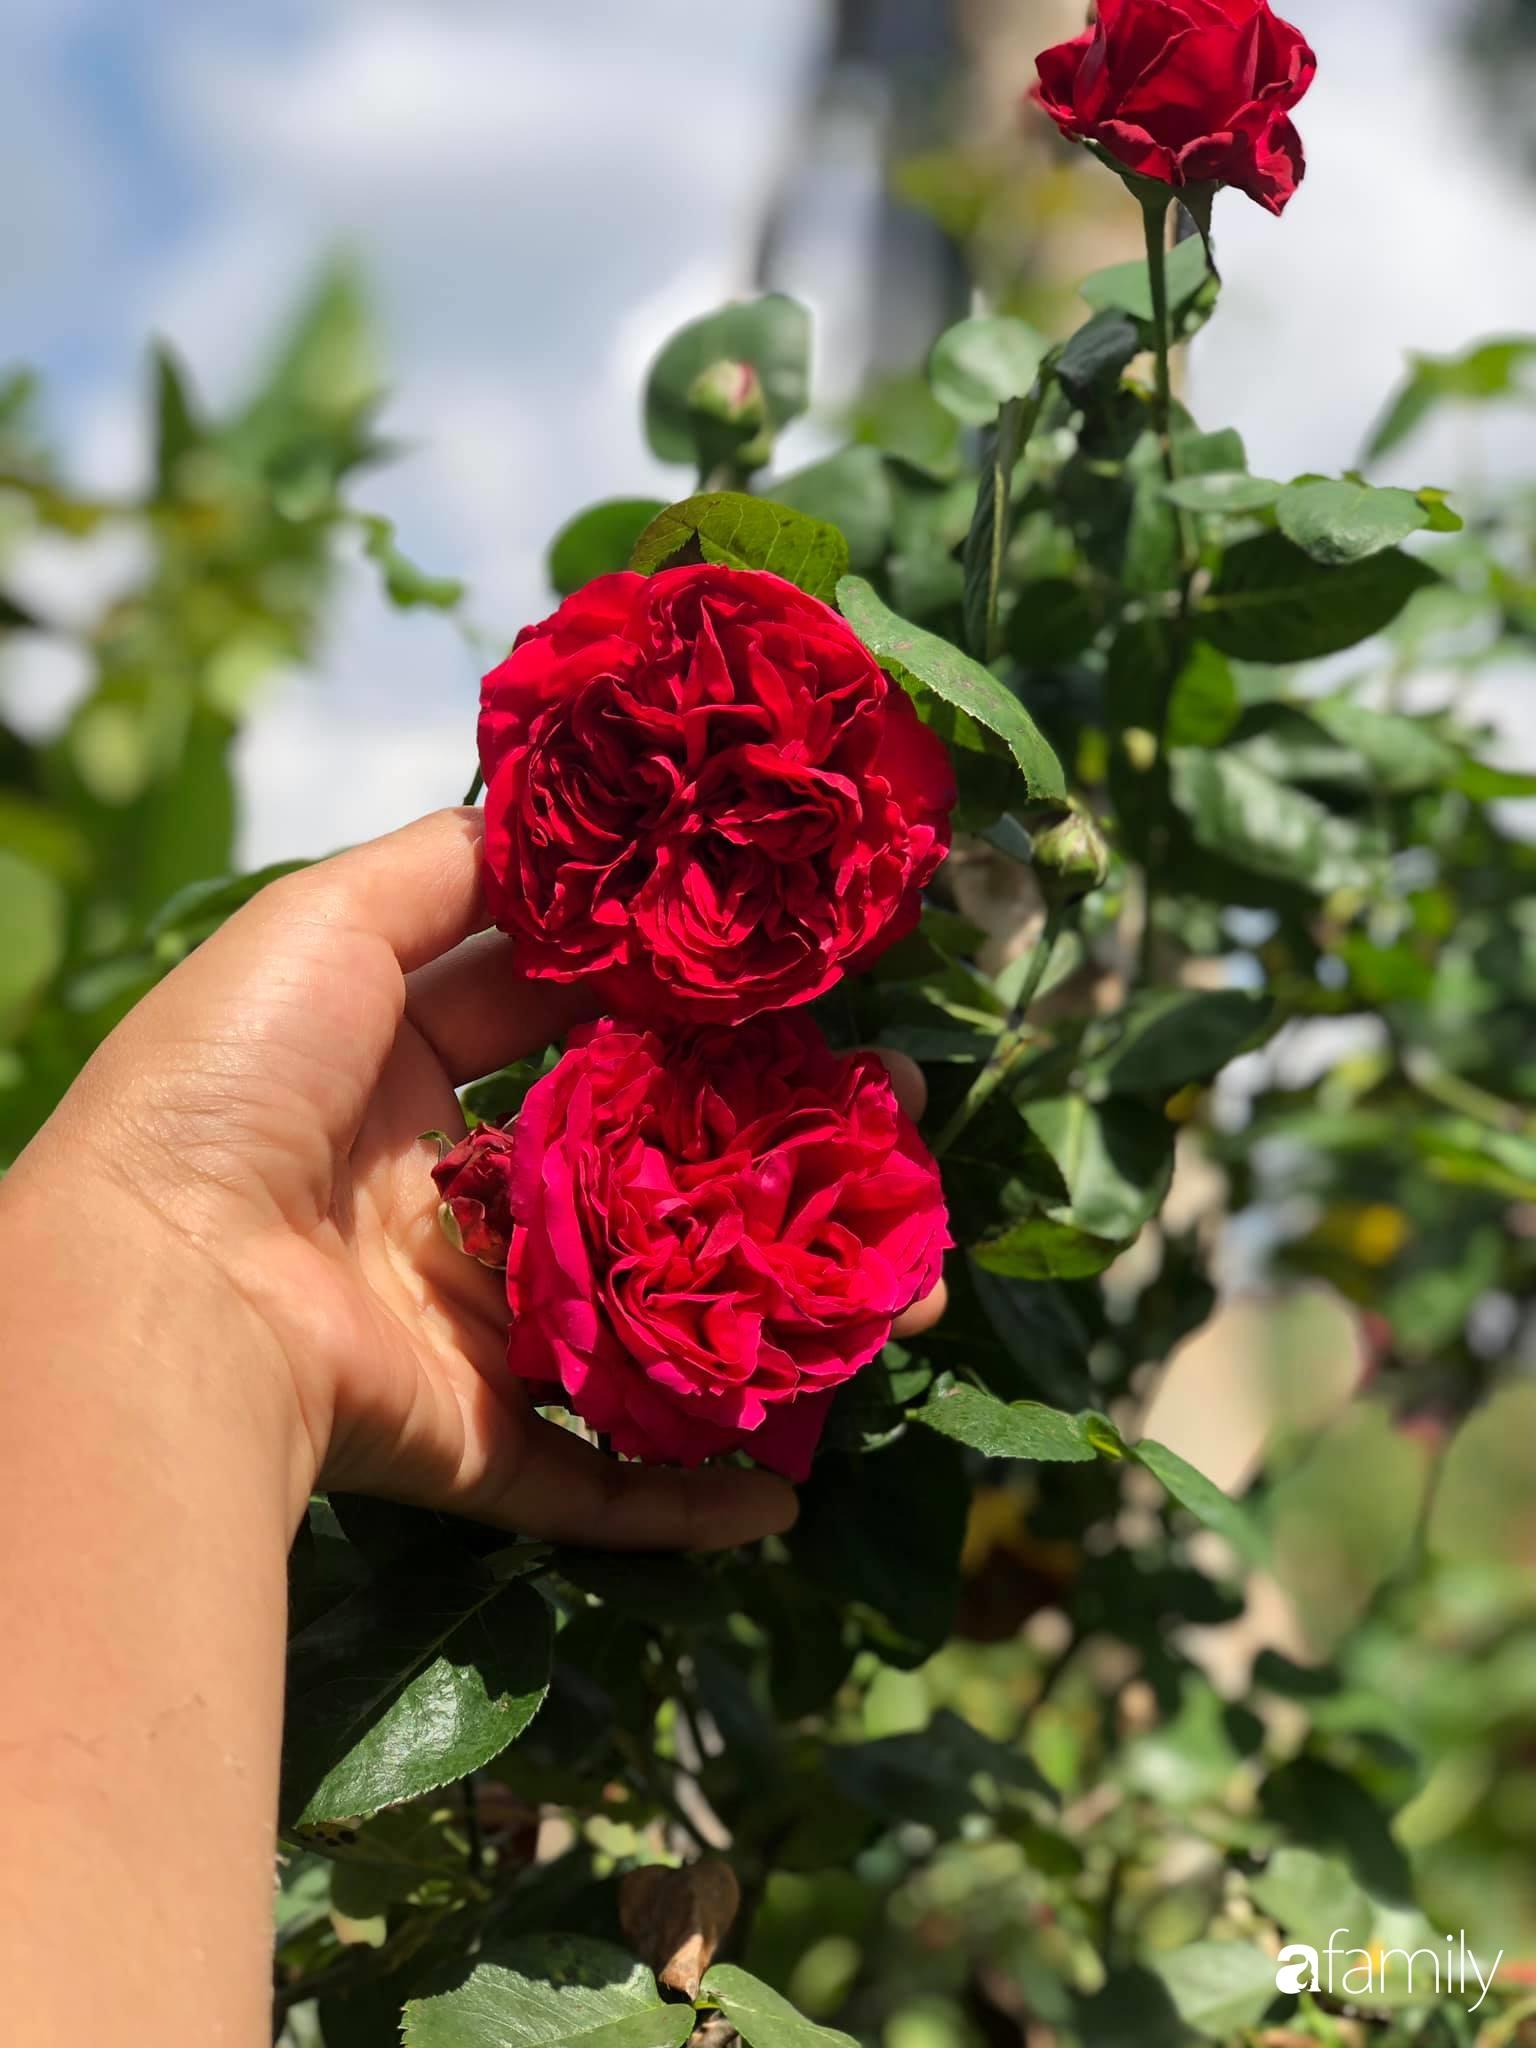 Khu vườn hoa hồng đẹp như cổ tích mà người chồng ngày đêm chăm sóc để tặng vợ con ở Vũng Tàu-17